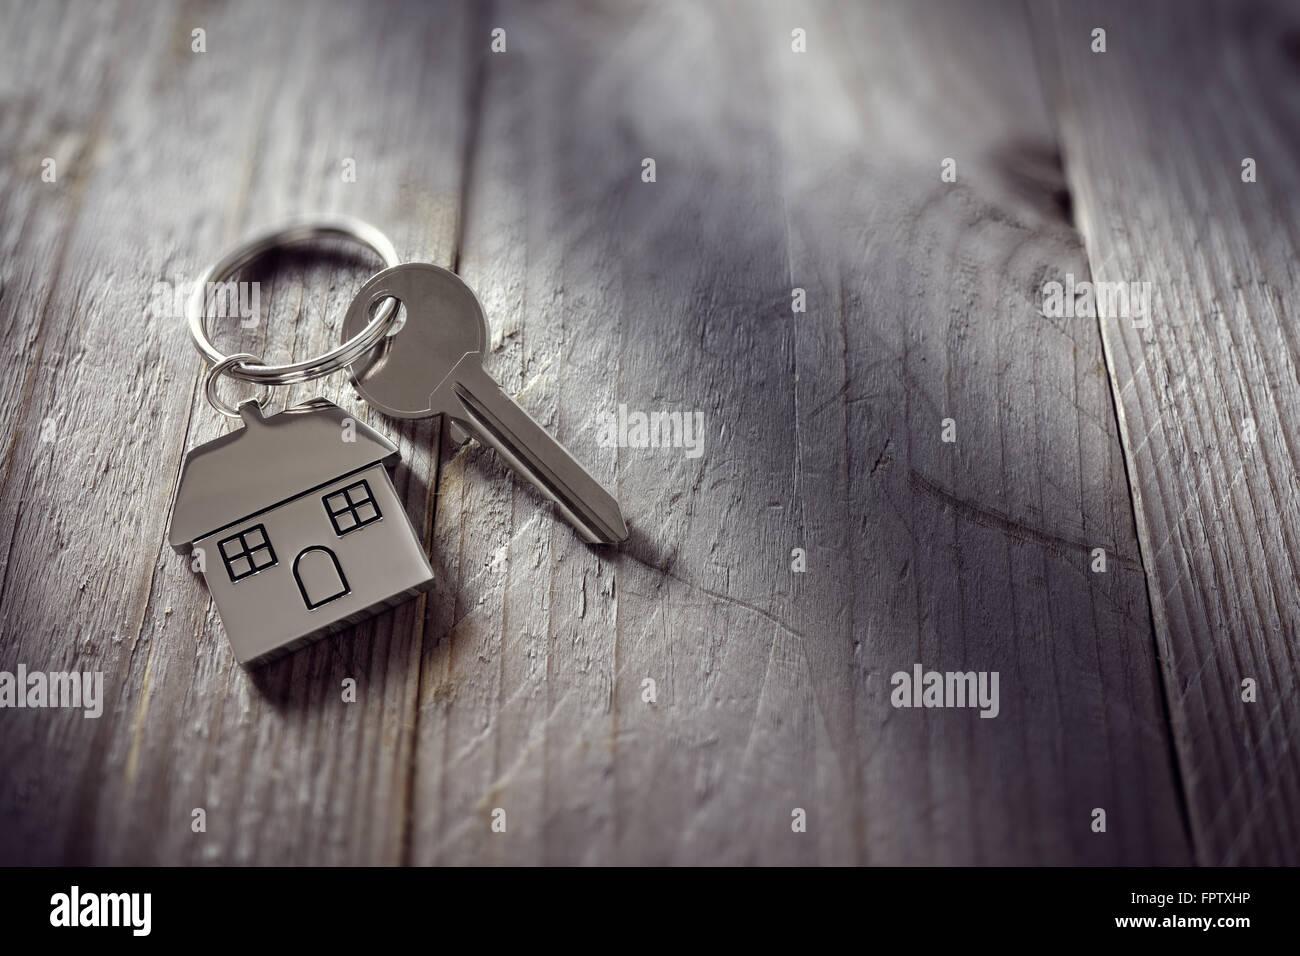 House key on keyring - Stock Image